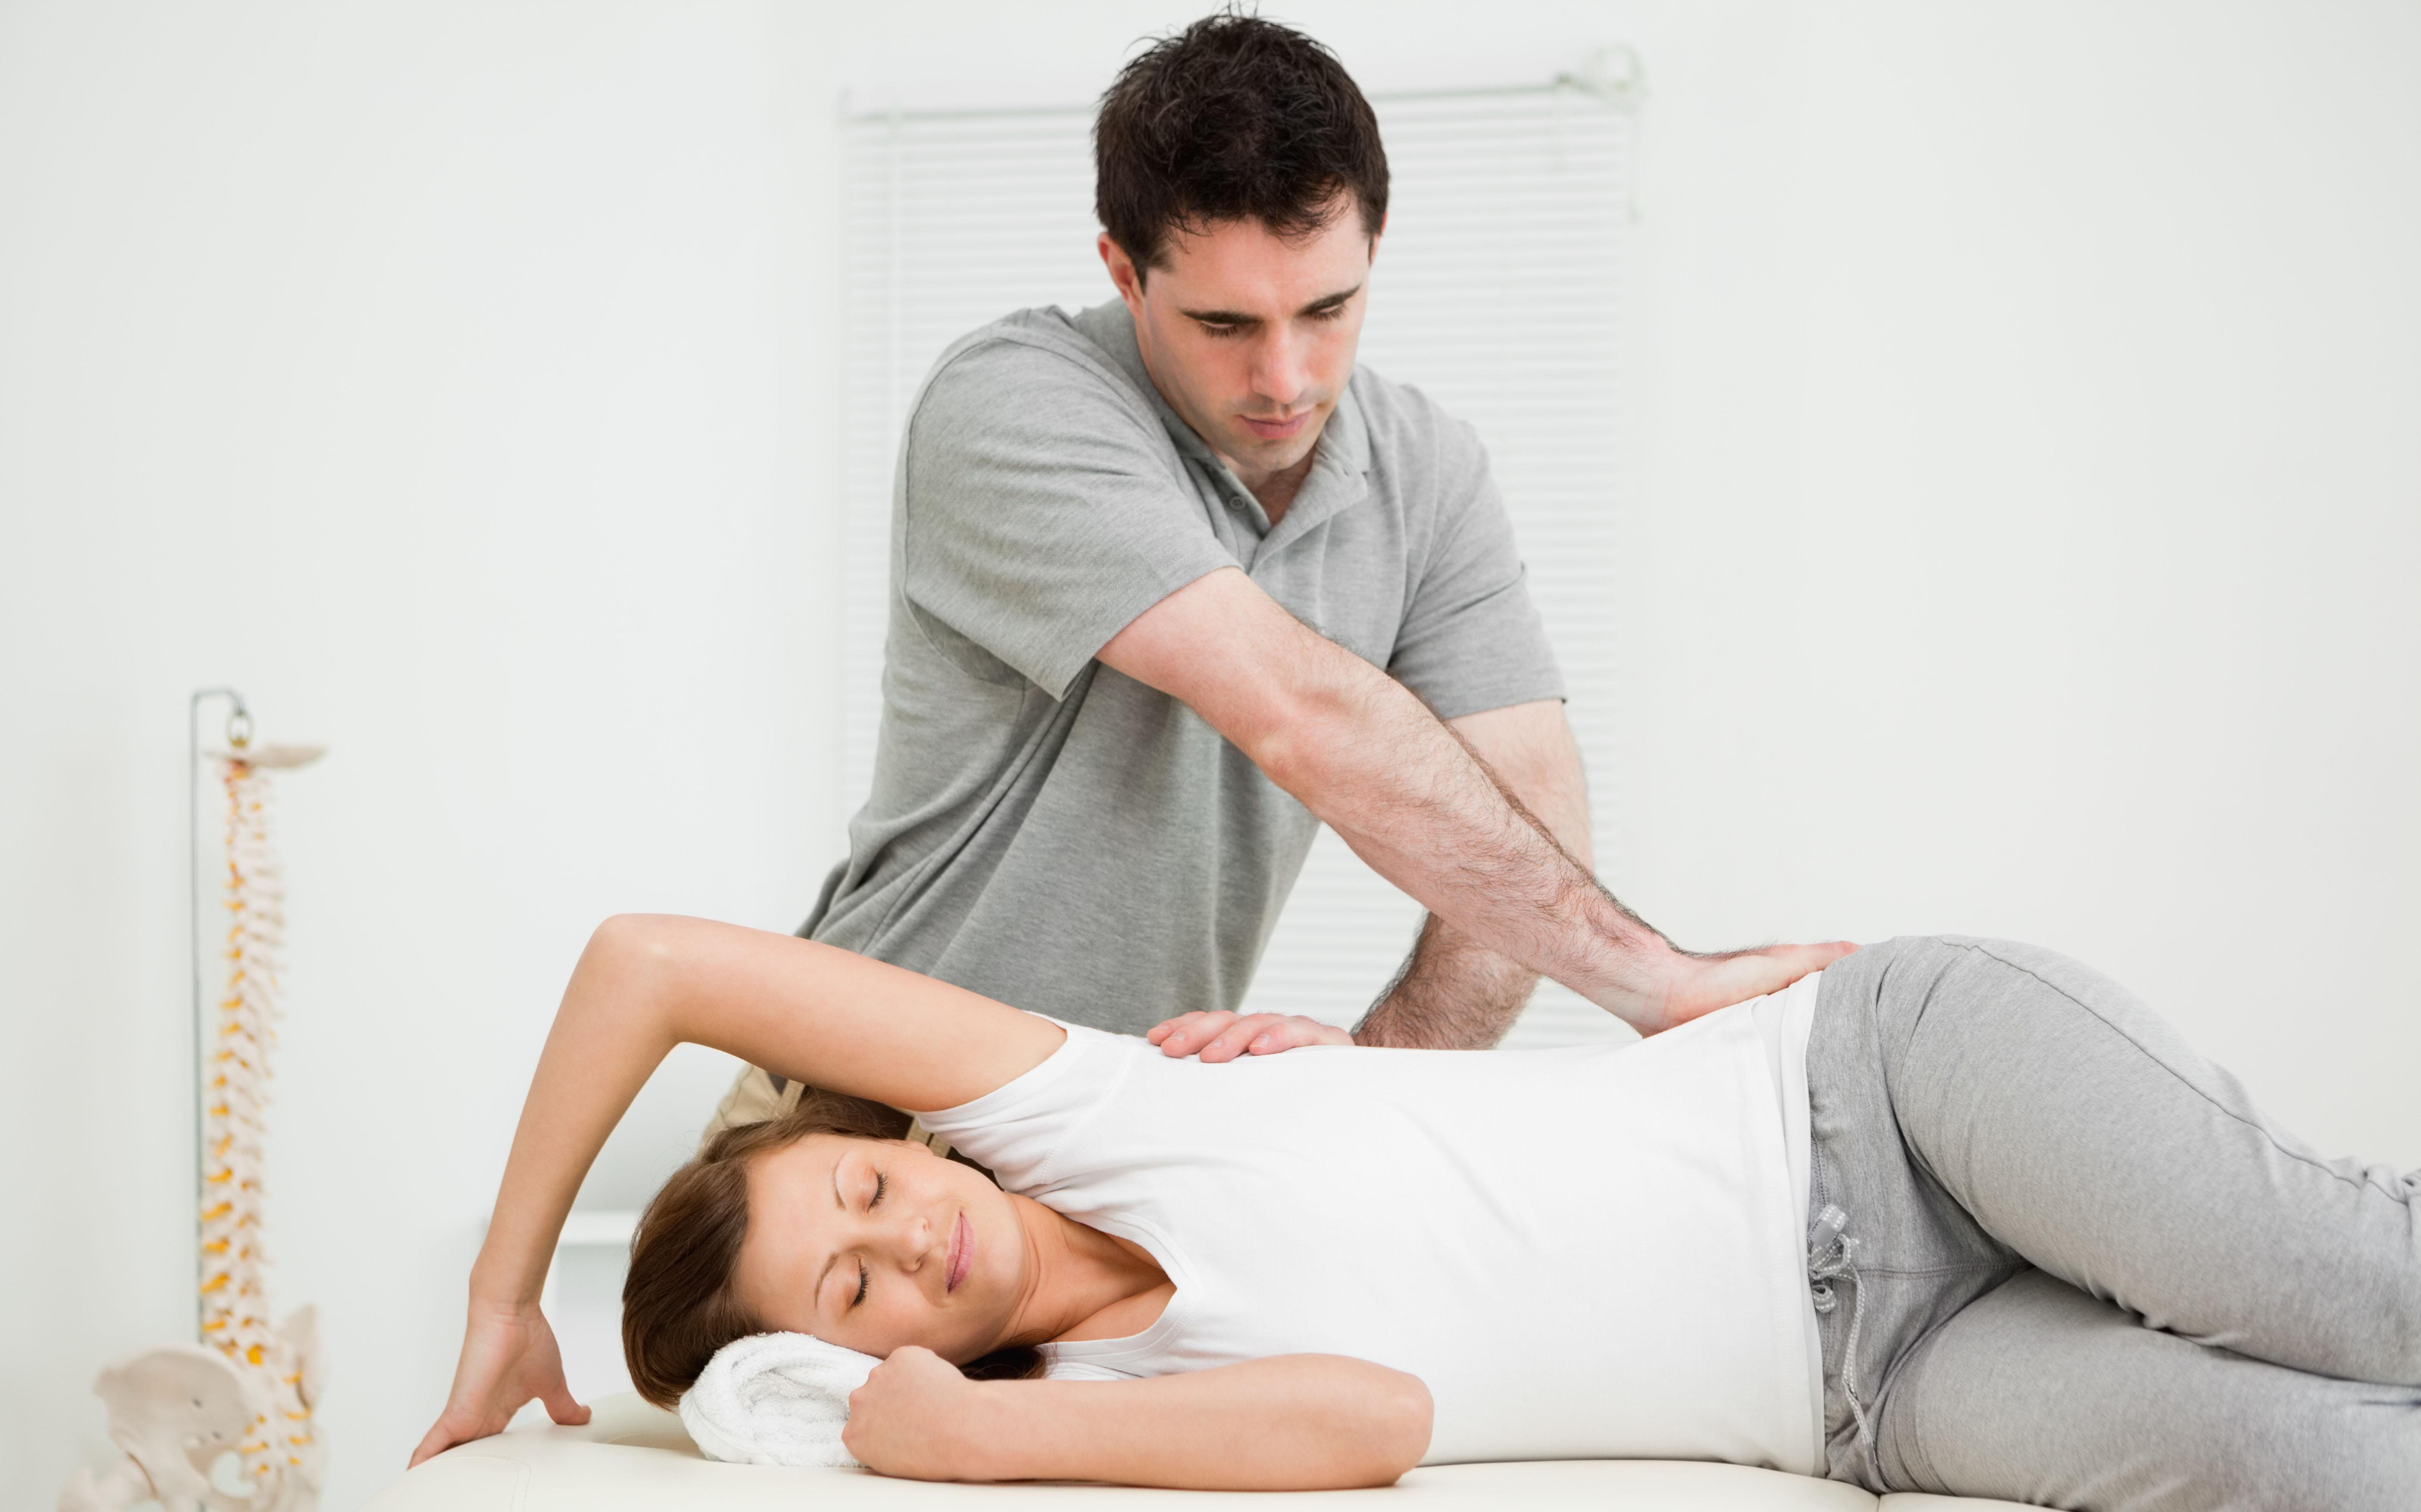 Fisioterapia para reabilitação do quadril